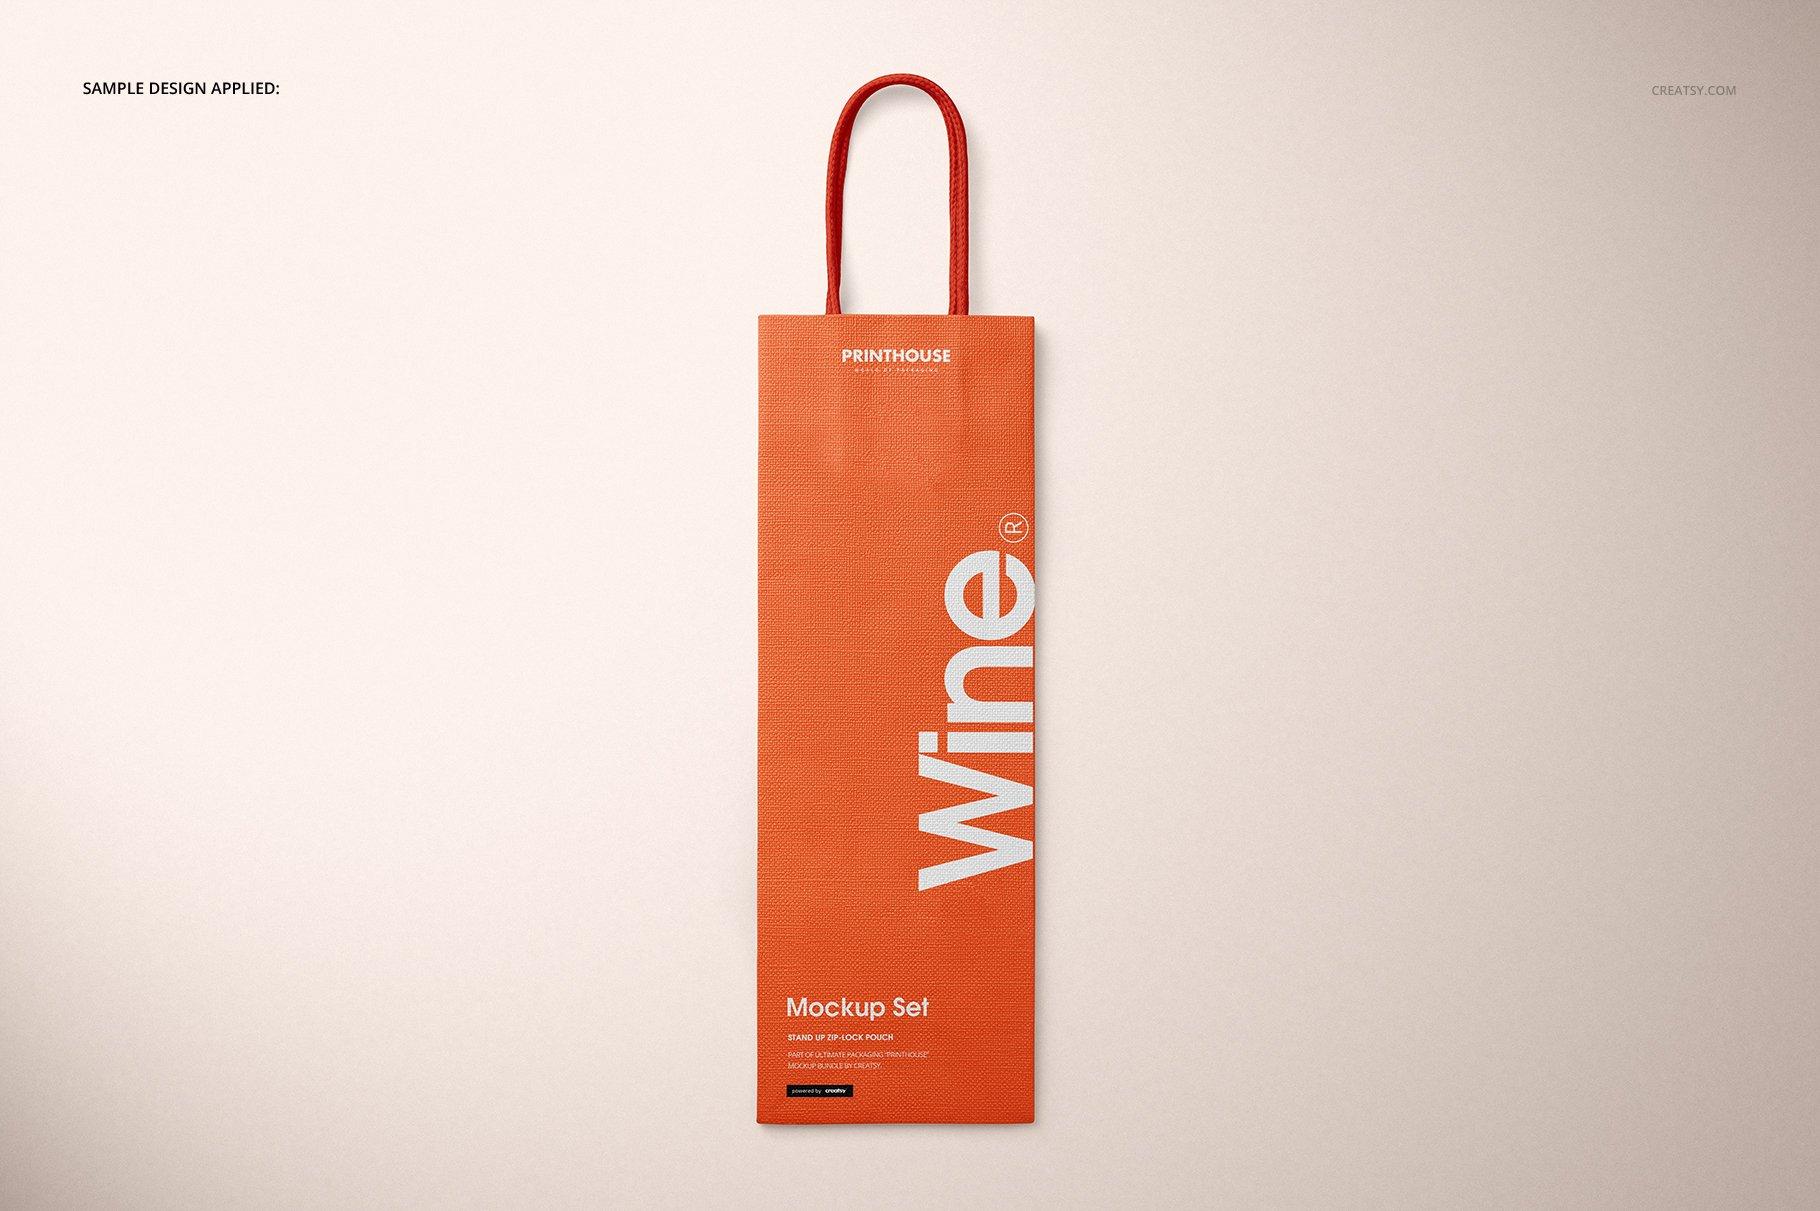 [淘宝购买] 精美葡萄酒手提袋设计展示贴图样机套装 Eurotote Wine Tote Bag Mockup Set插图(6)